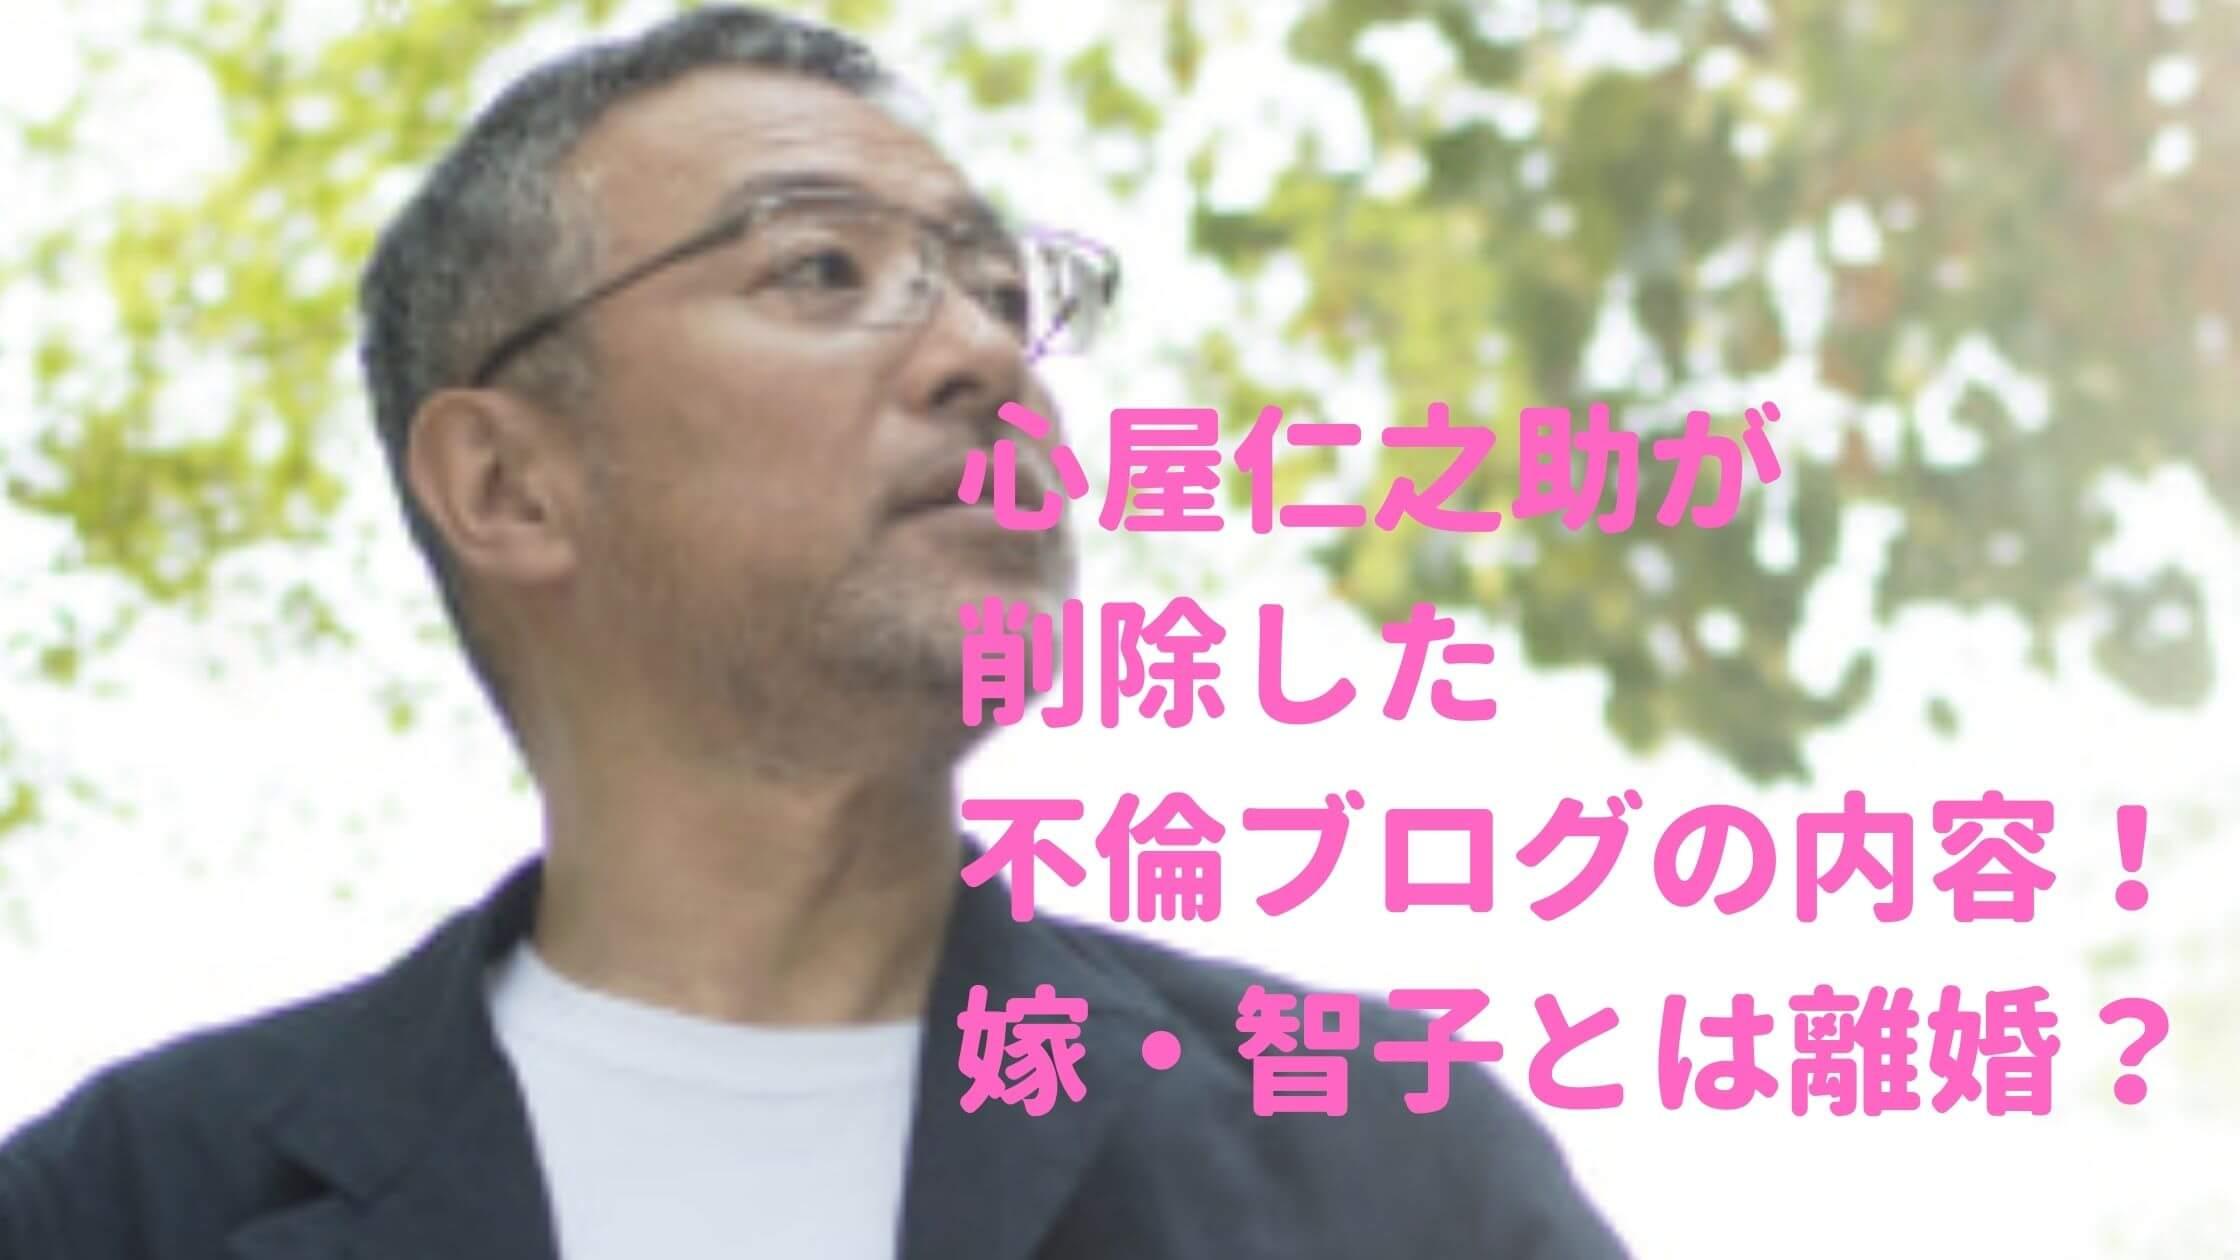 心屋仁之助 不倫 ブログ 嫁 智子 離婚